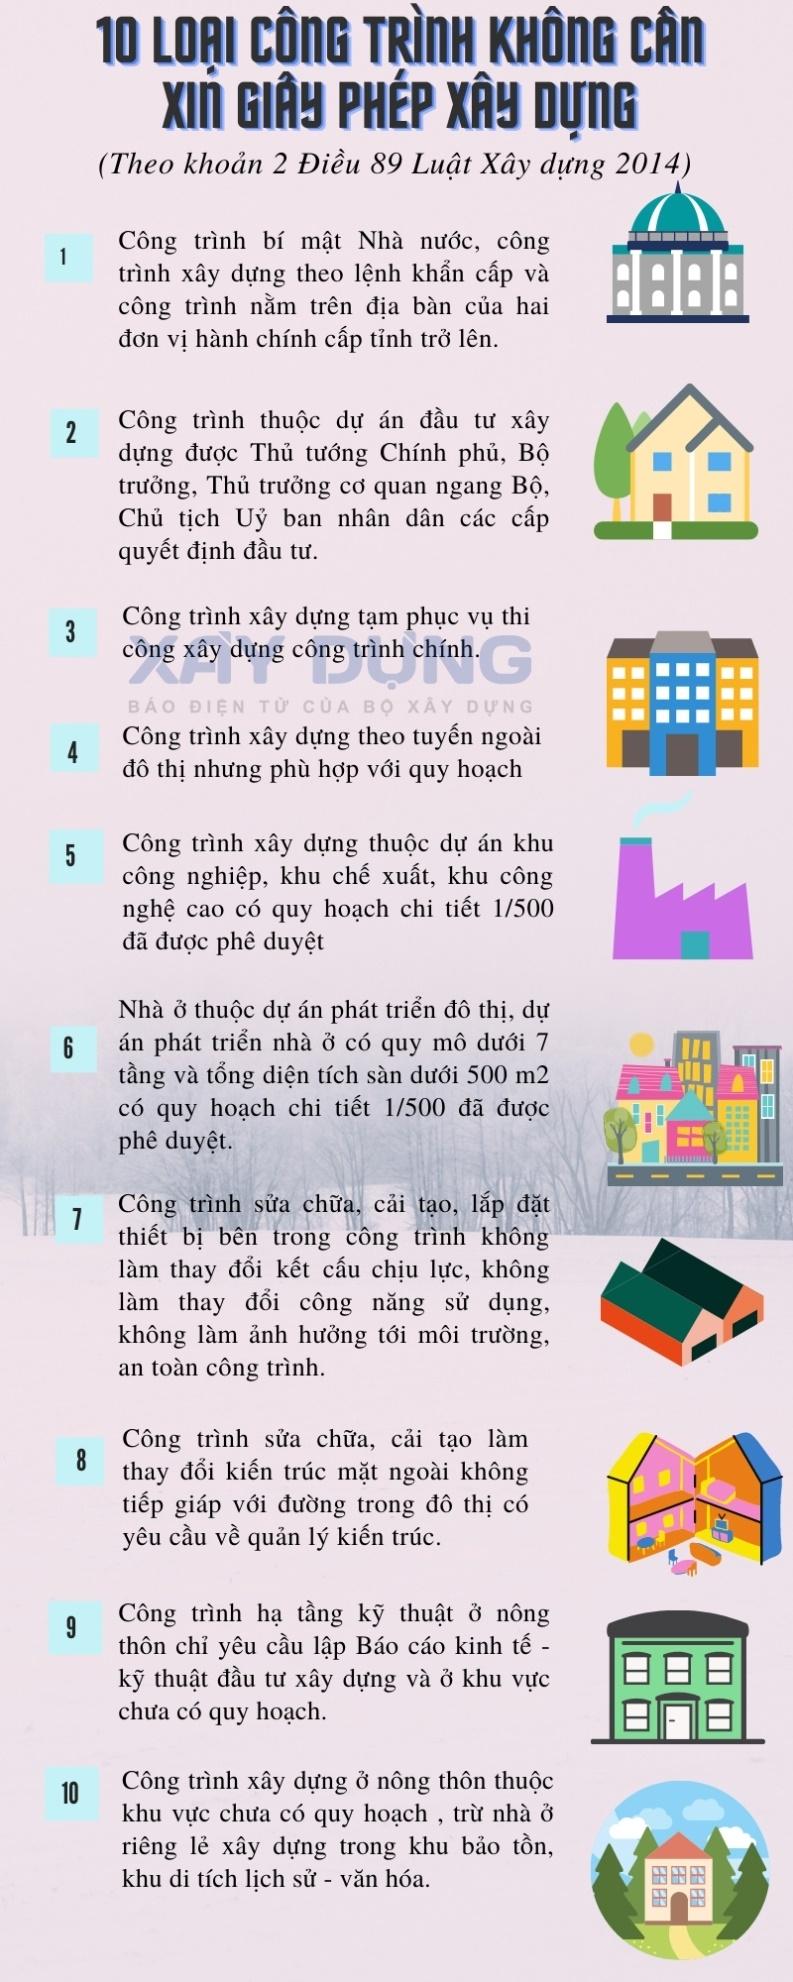 10 loại công trình không cần xin giấy phép xây dựng